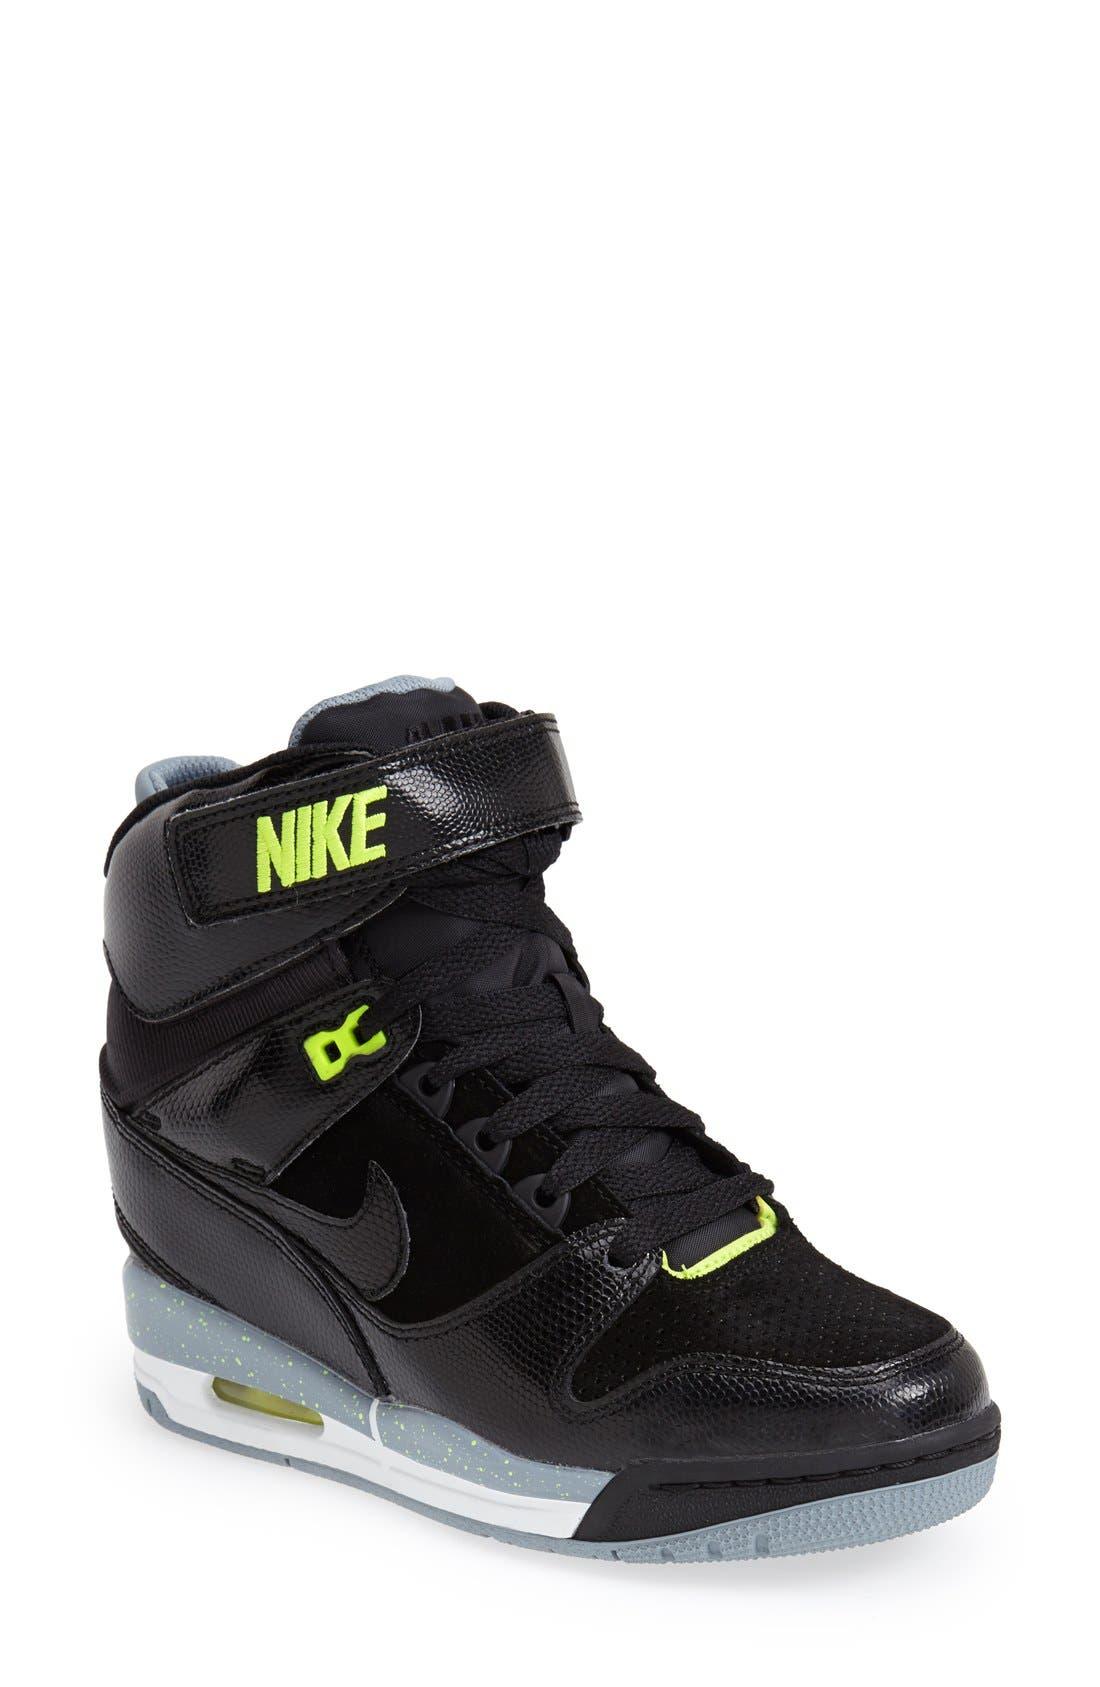 Alternate Image 1 Selected - Nike 'Air Revolution Sky Hi' Sneaker (Women)